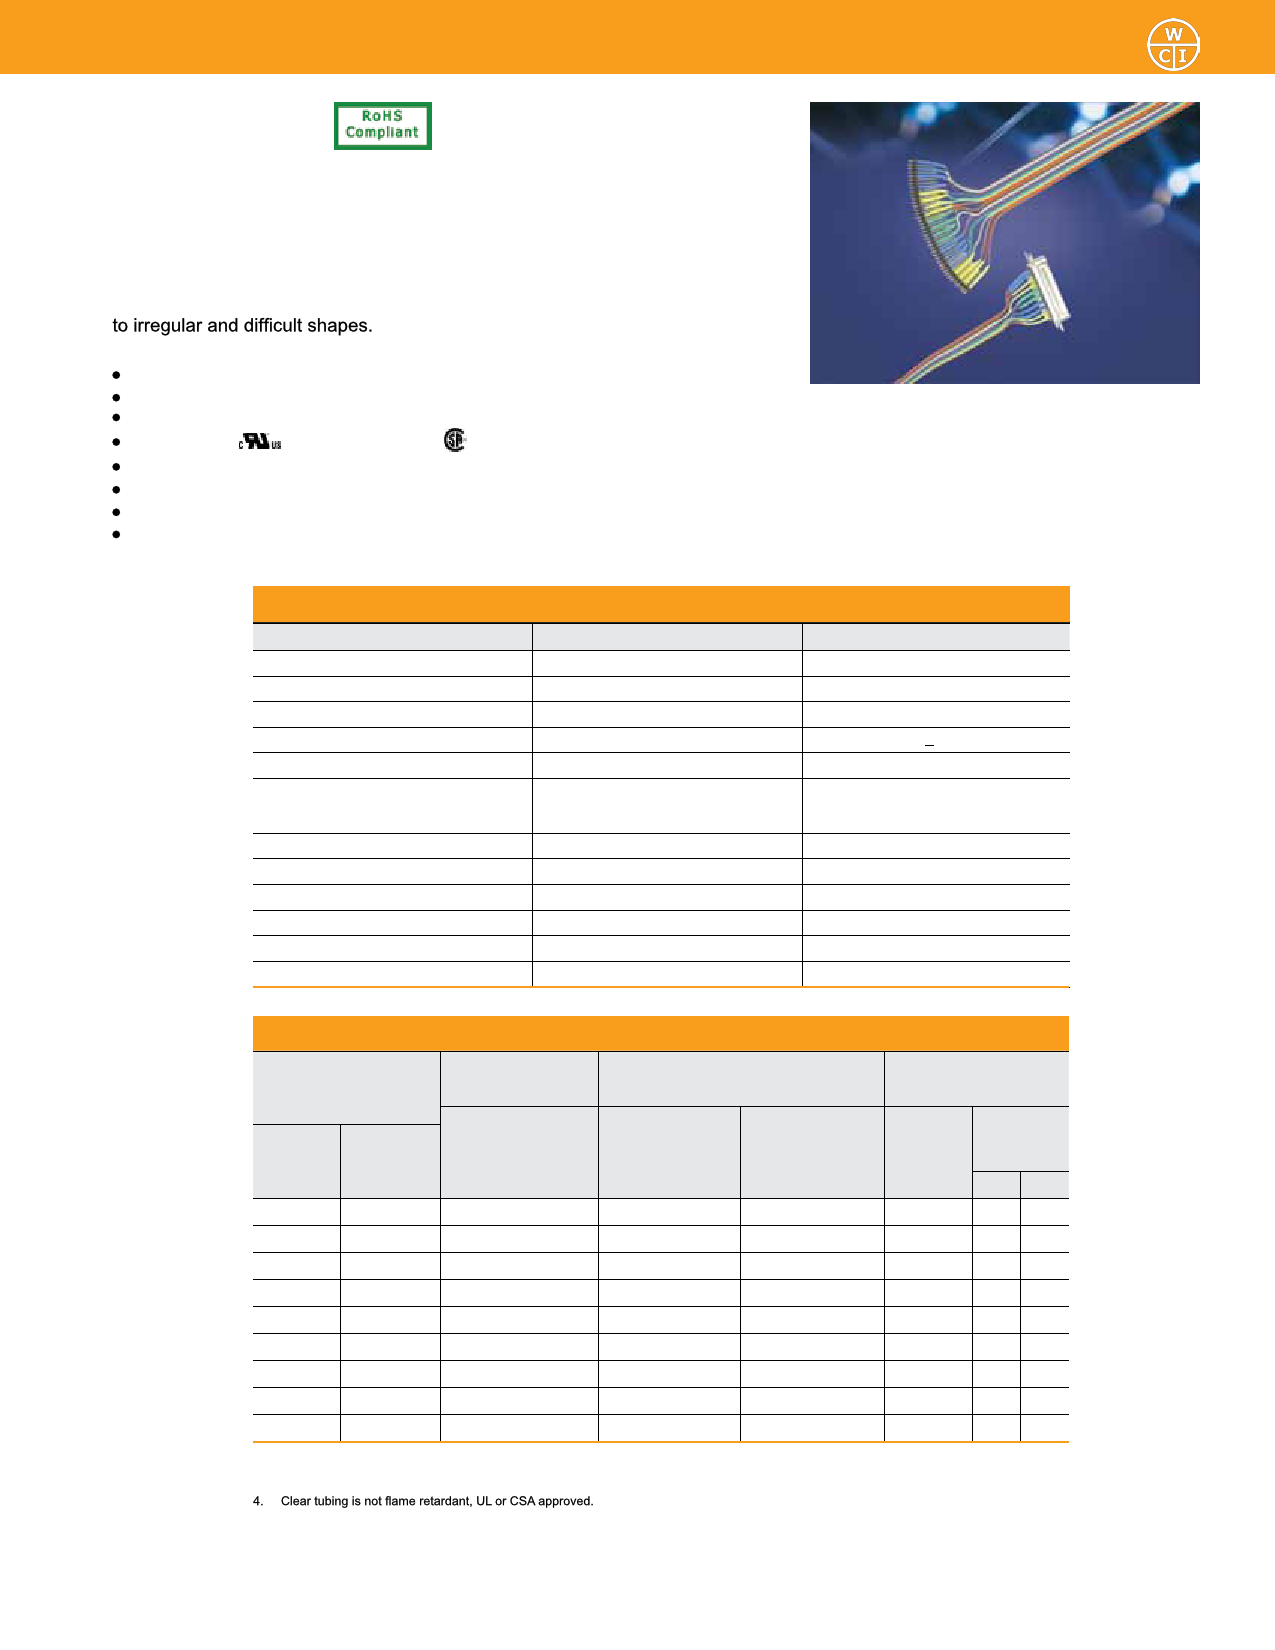 Q2-F3X datasheet